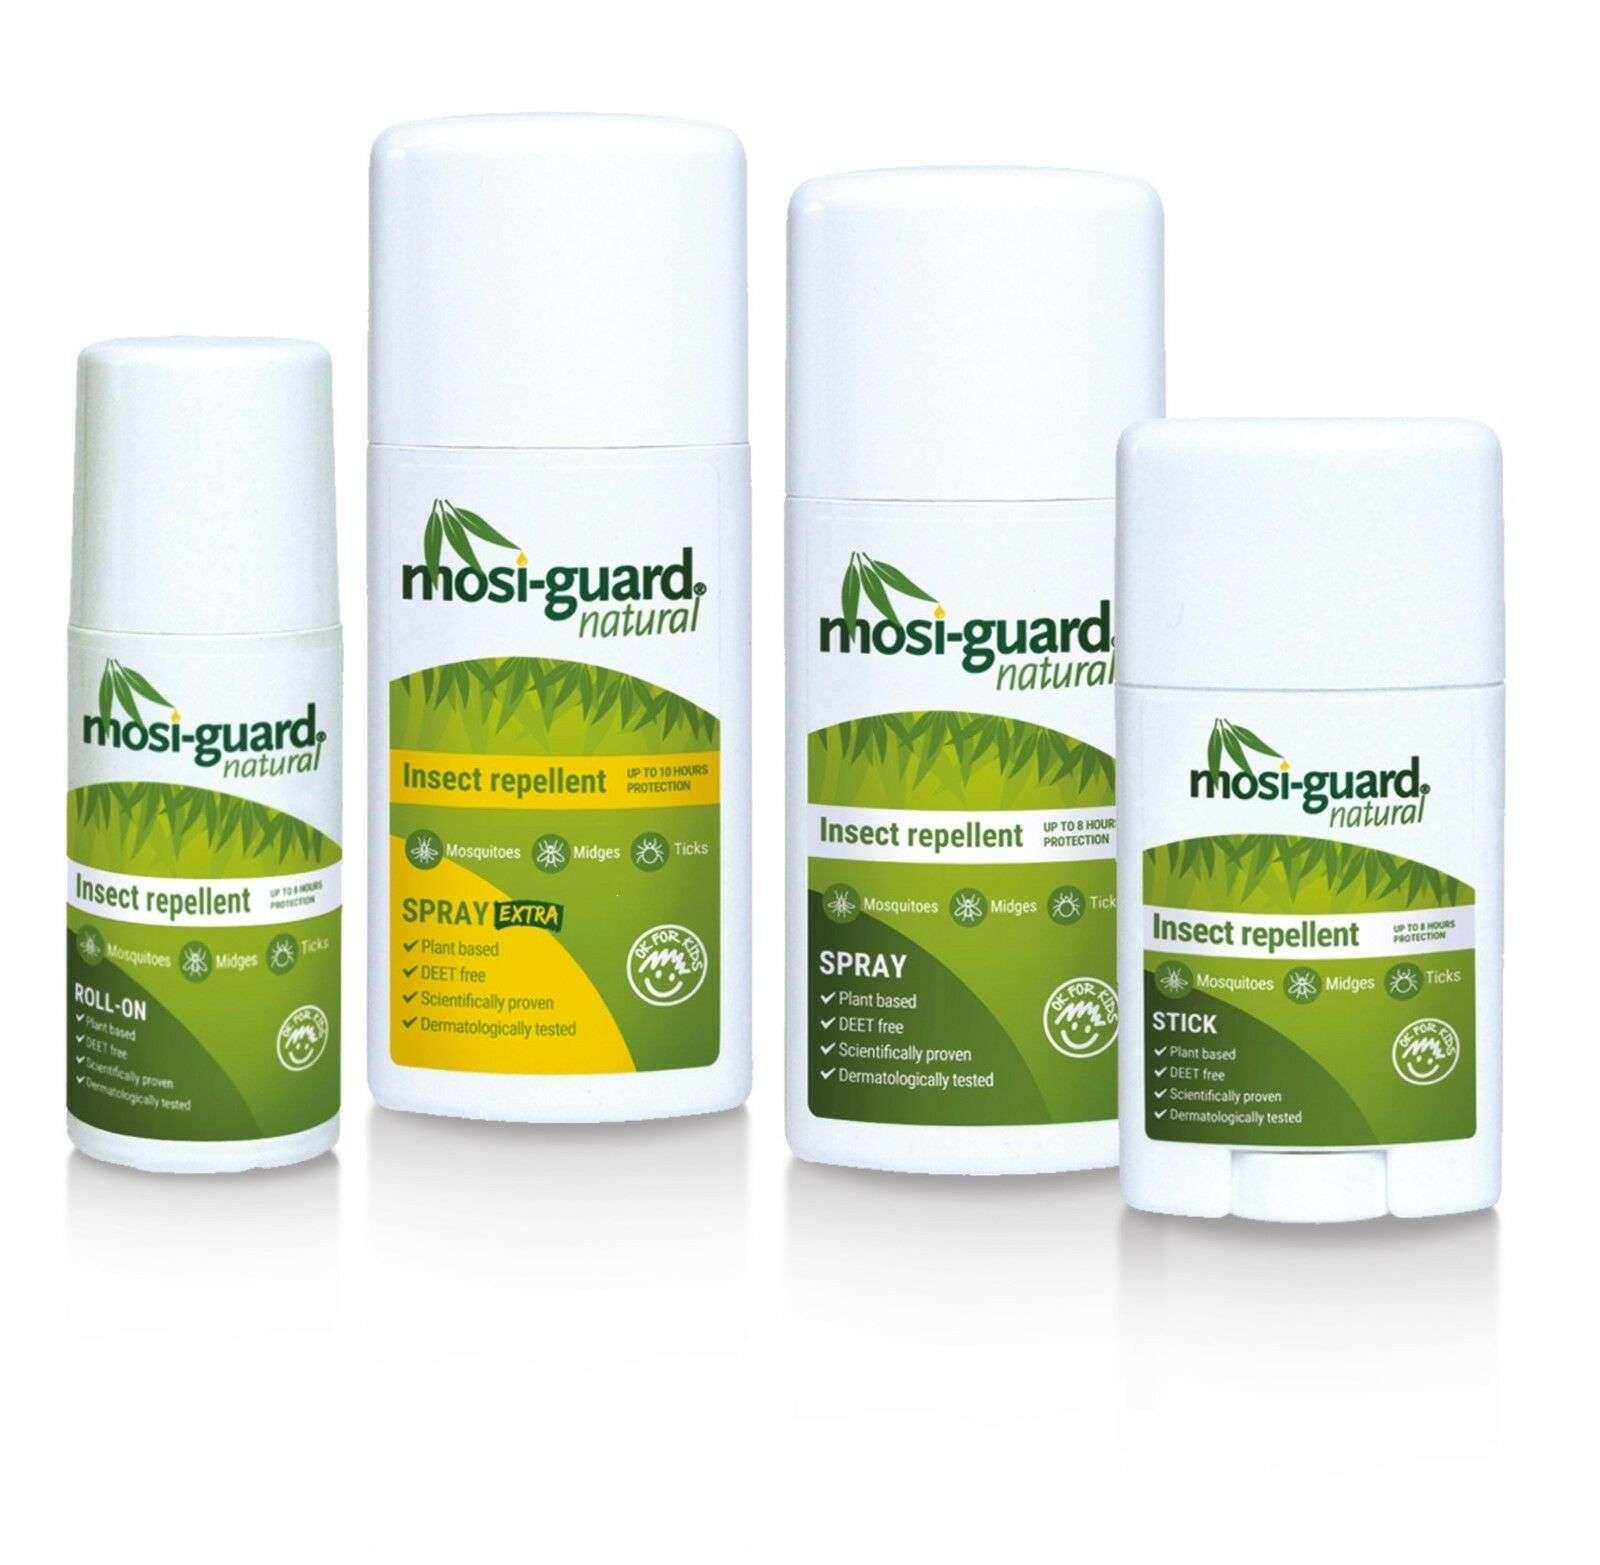 Le Mosi-guard est un insecticide à base de Citriodiol. Il assurerait une protection de quatre heures contre le coronavirus. © Mosi-Guard